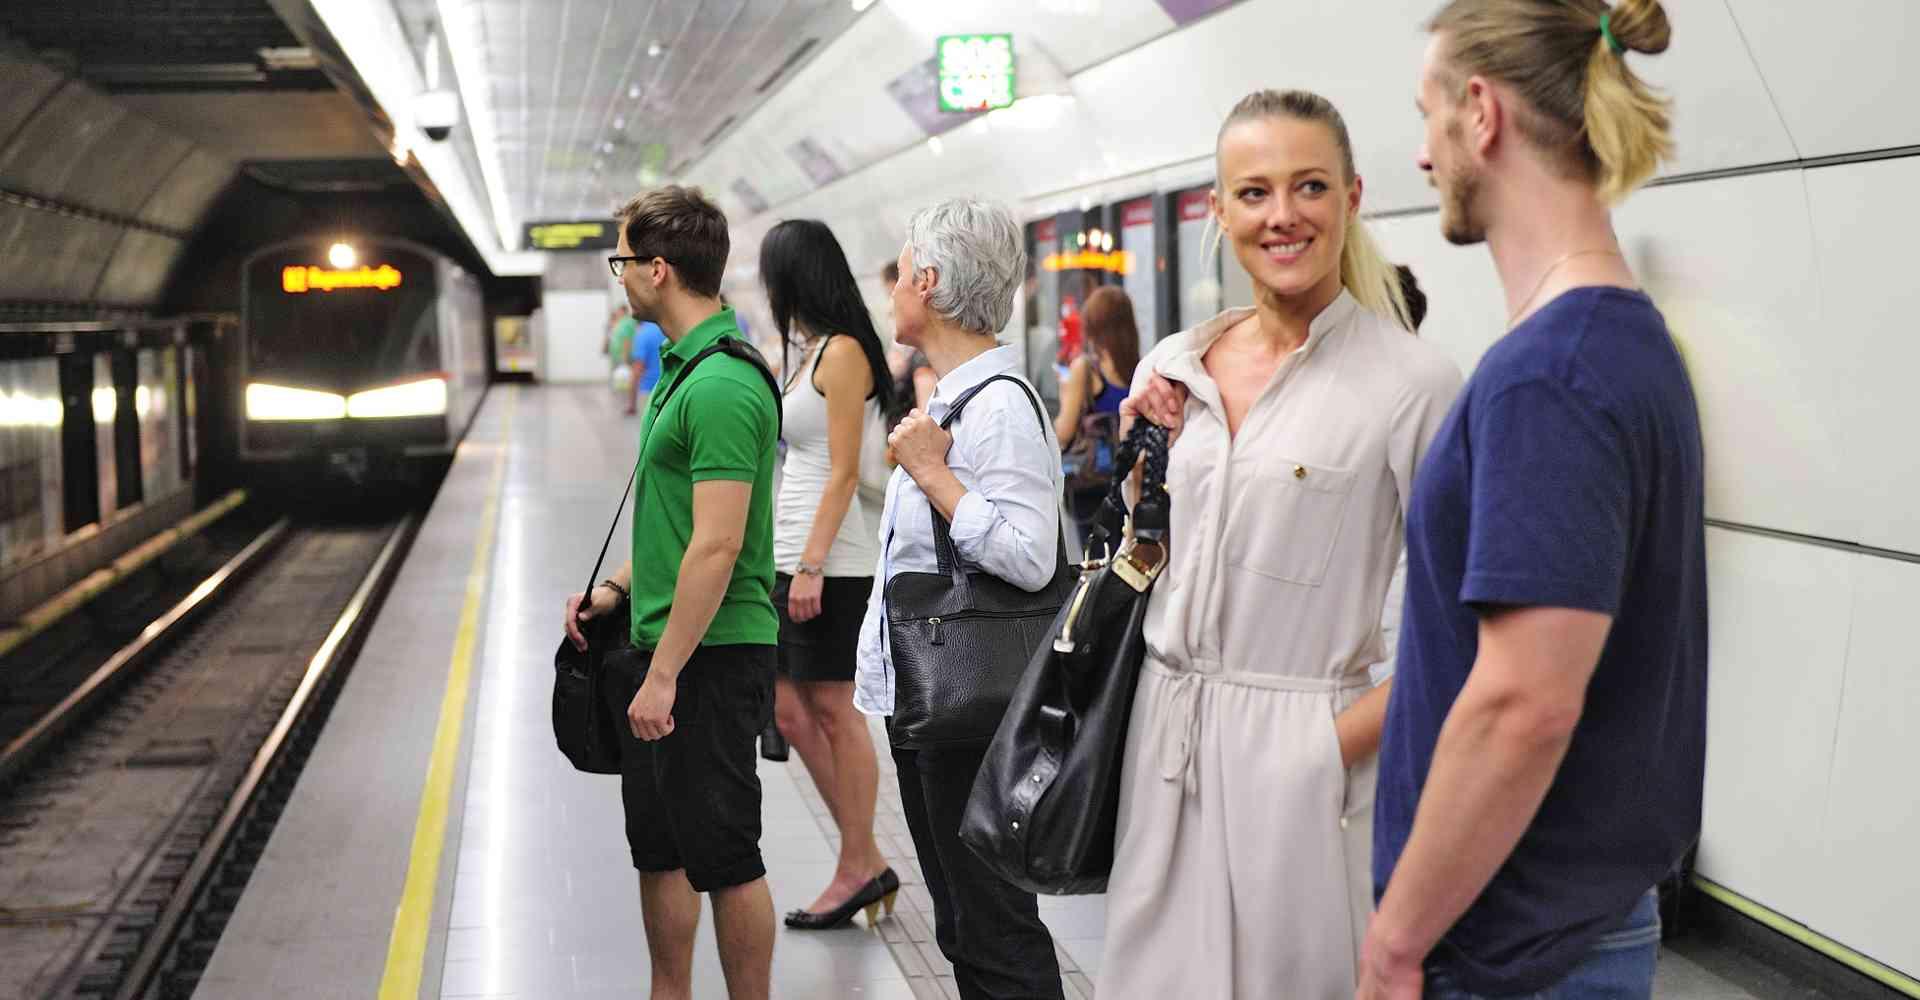 U2 Bahnsteig am Schottenring: Da die U-Bahn unter dem Donaukanal und damit besonders tief verläuft, wird der Bahnsteig in einer überhitzten Metropole zum Kältepol.